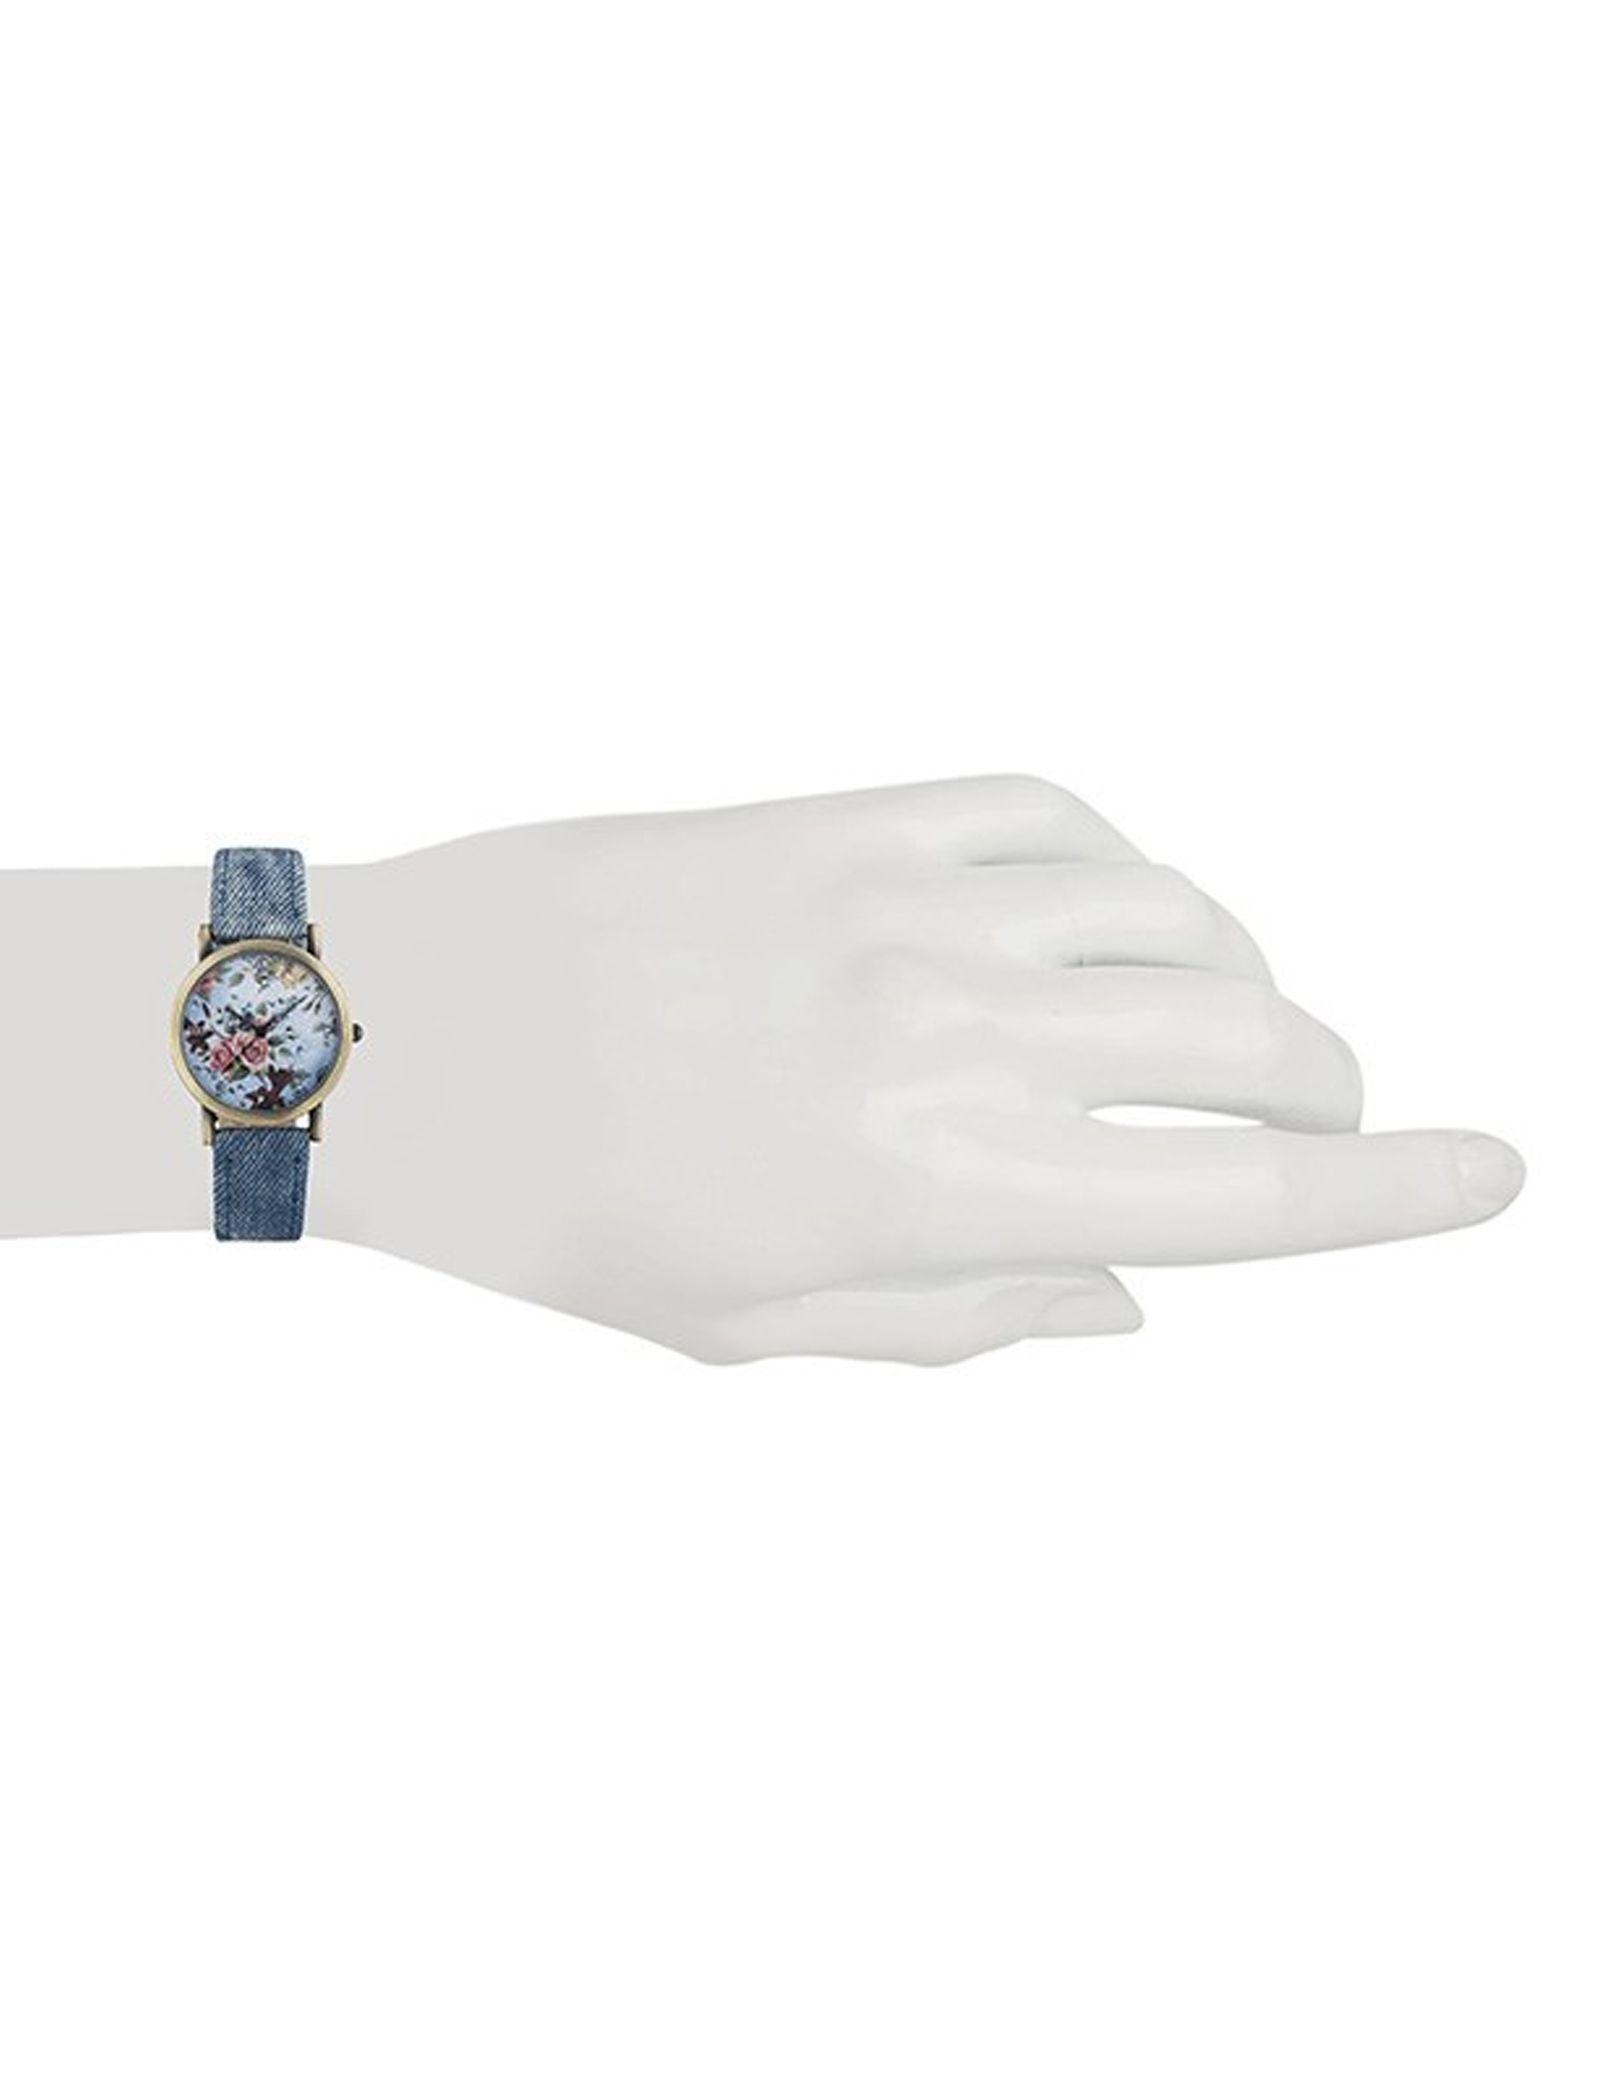 ساعت دست ساز زنانه میو مدل 687 -  - 3